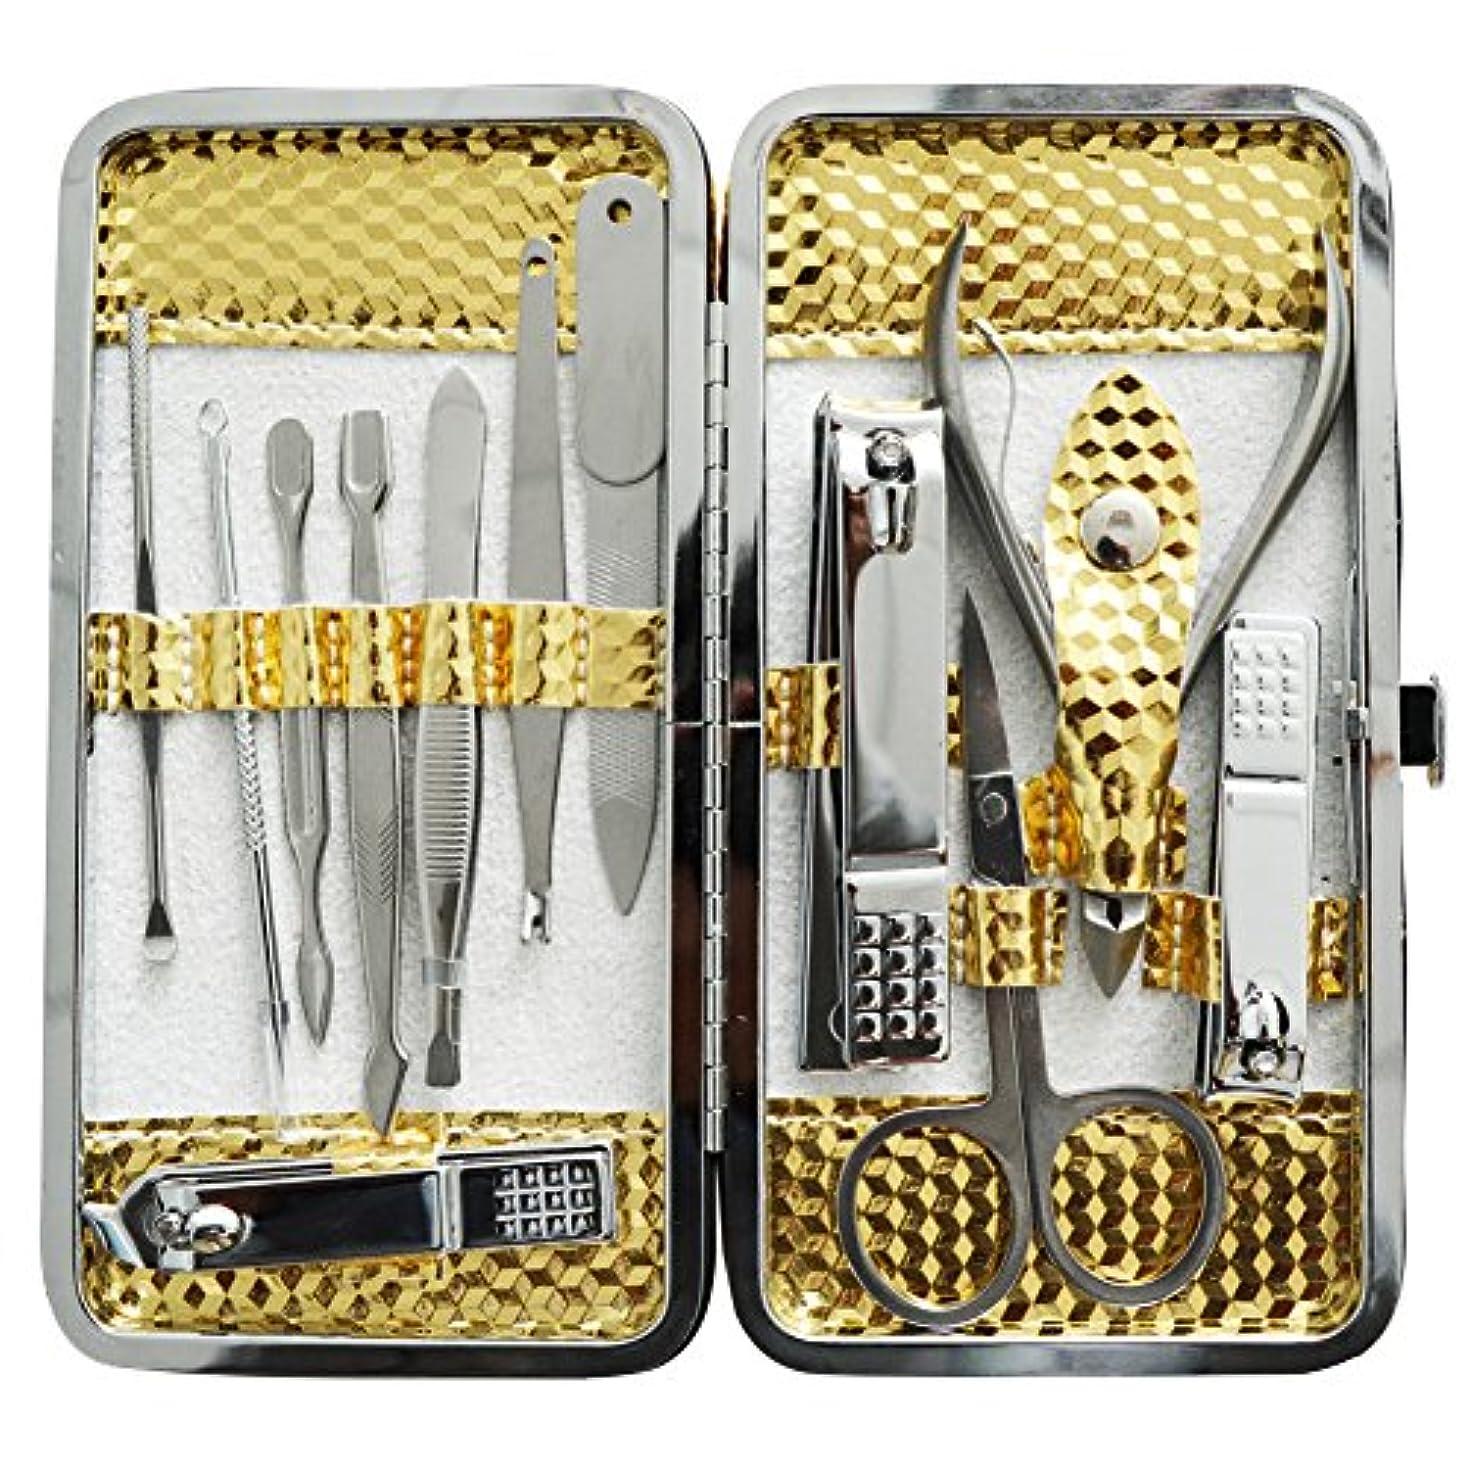 行洞察力のある販売員爪切りセット 耳掃除機 12枚はさみ、キューティクルをトリマー、耳かき、ナイフ